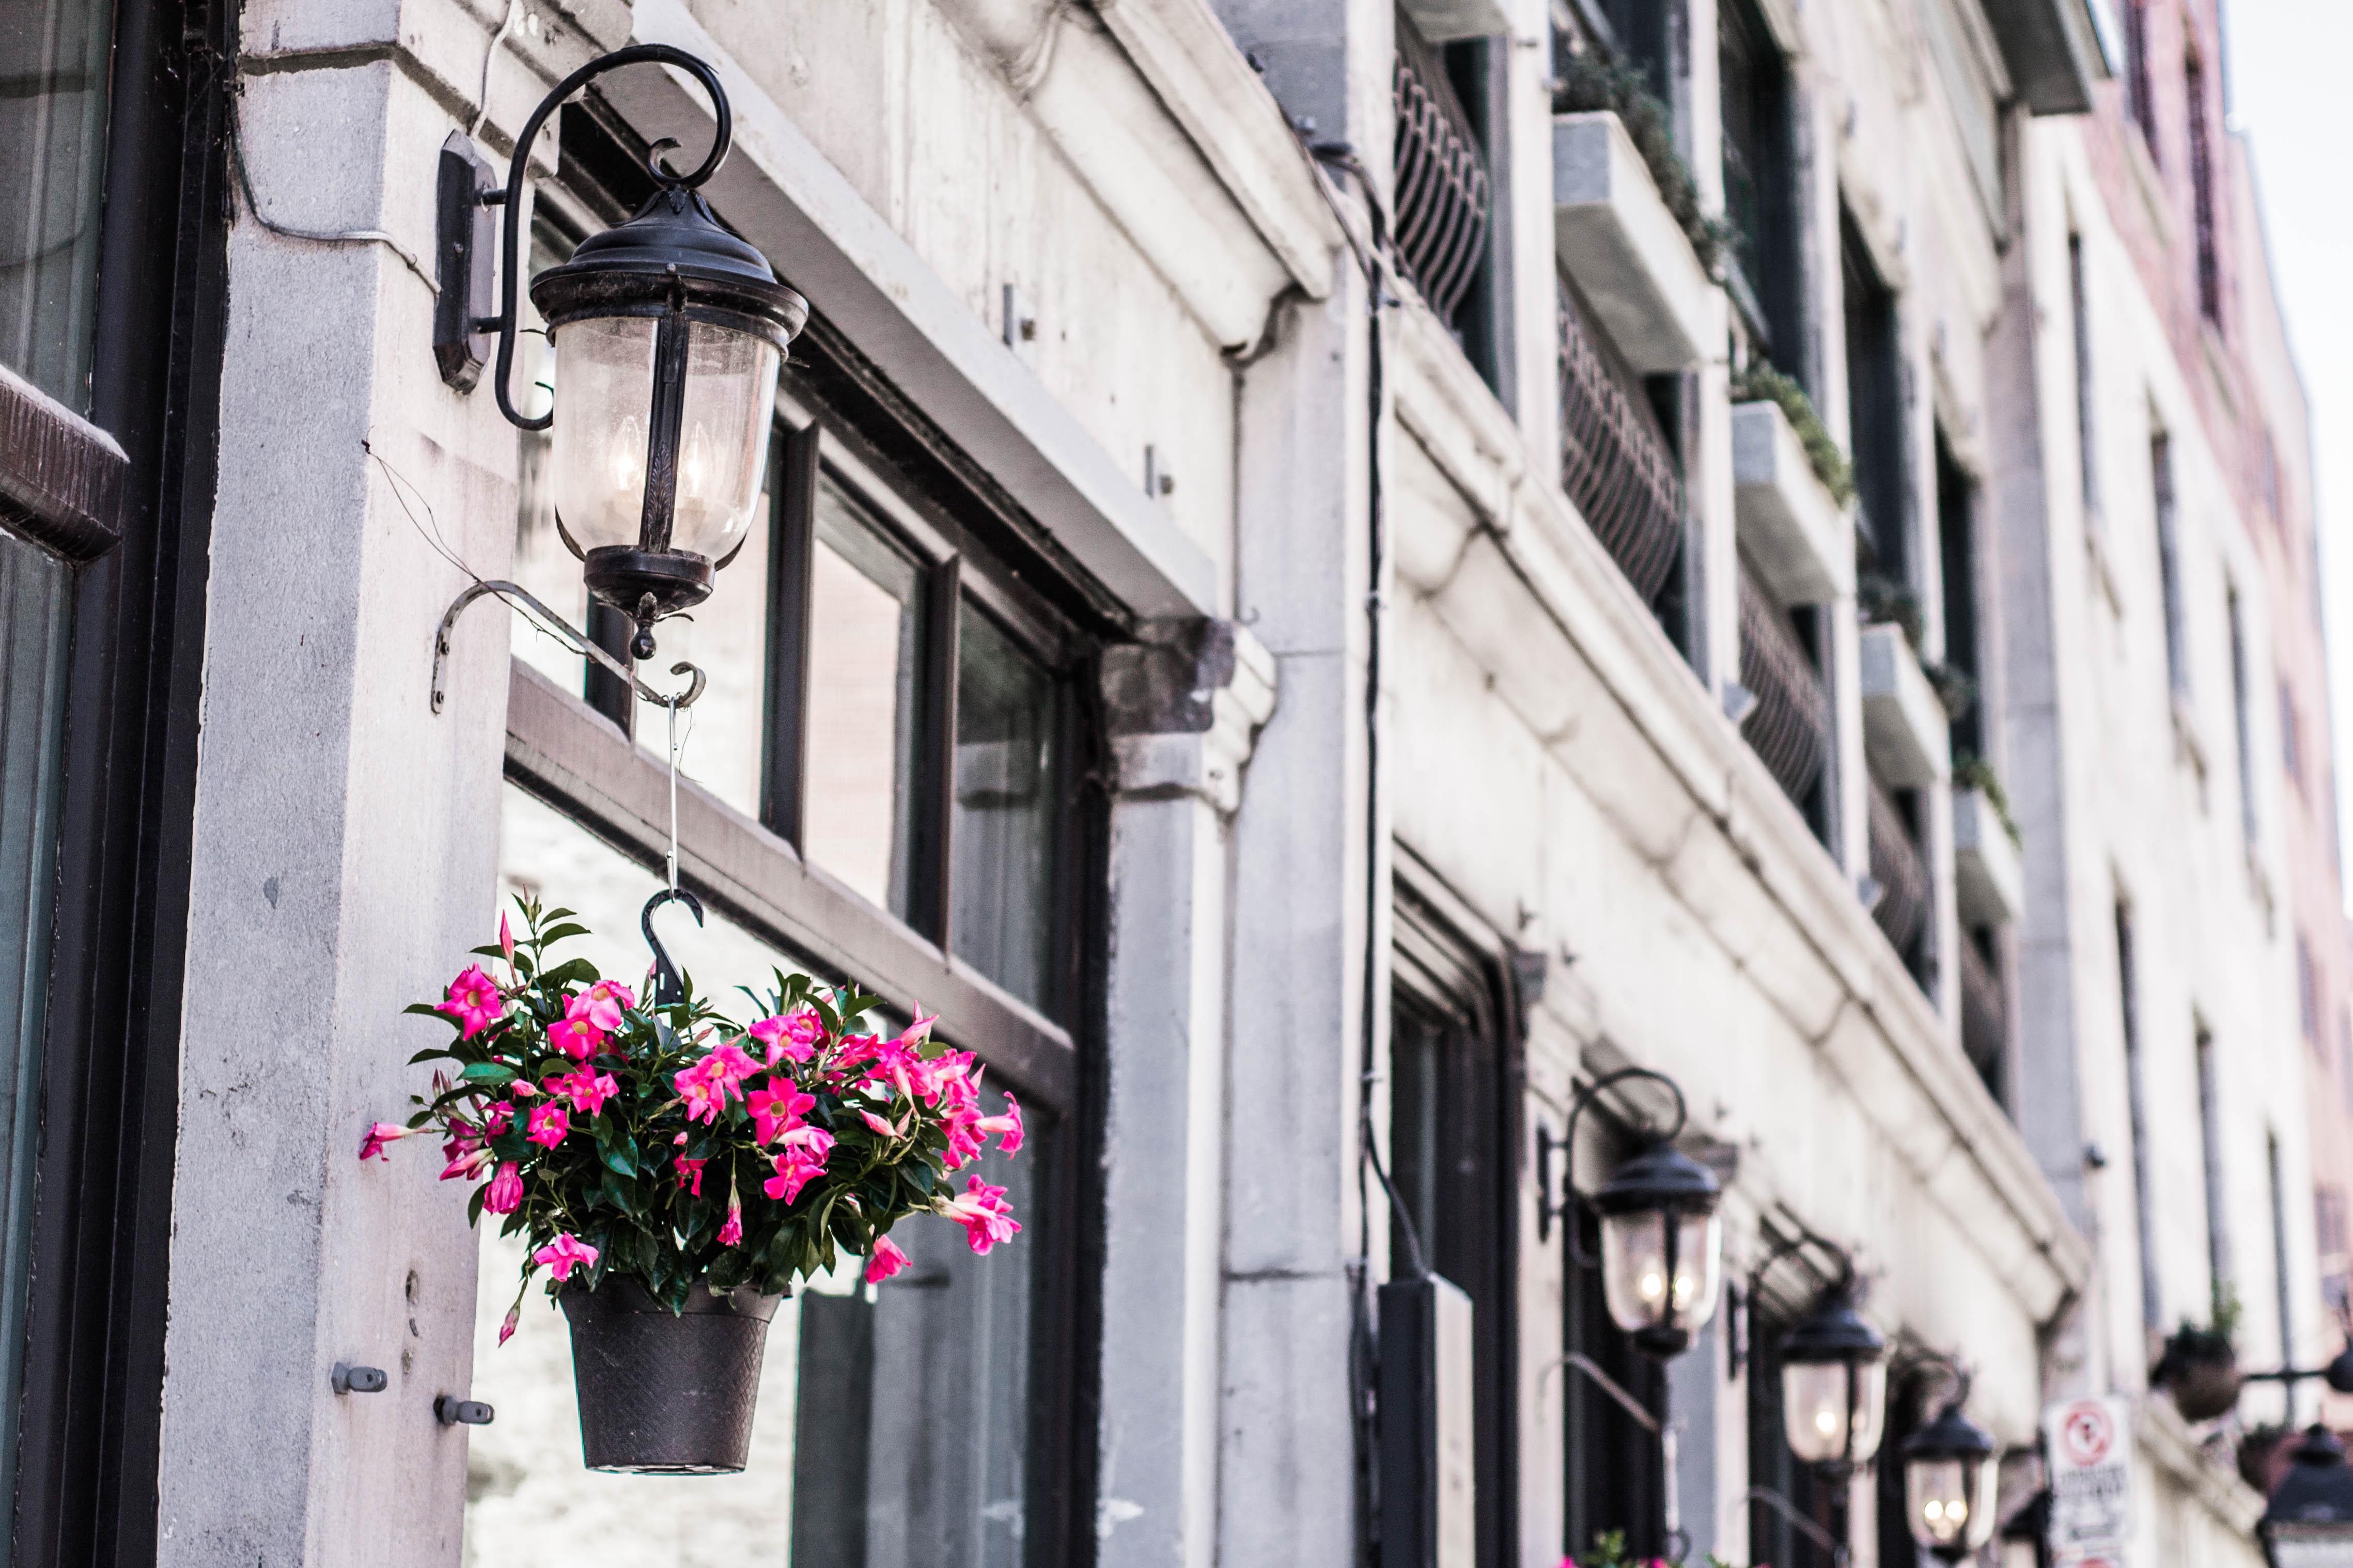 заячьи растения на улицах города фото представить вам